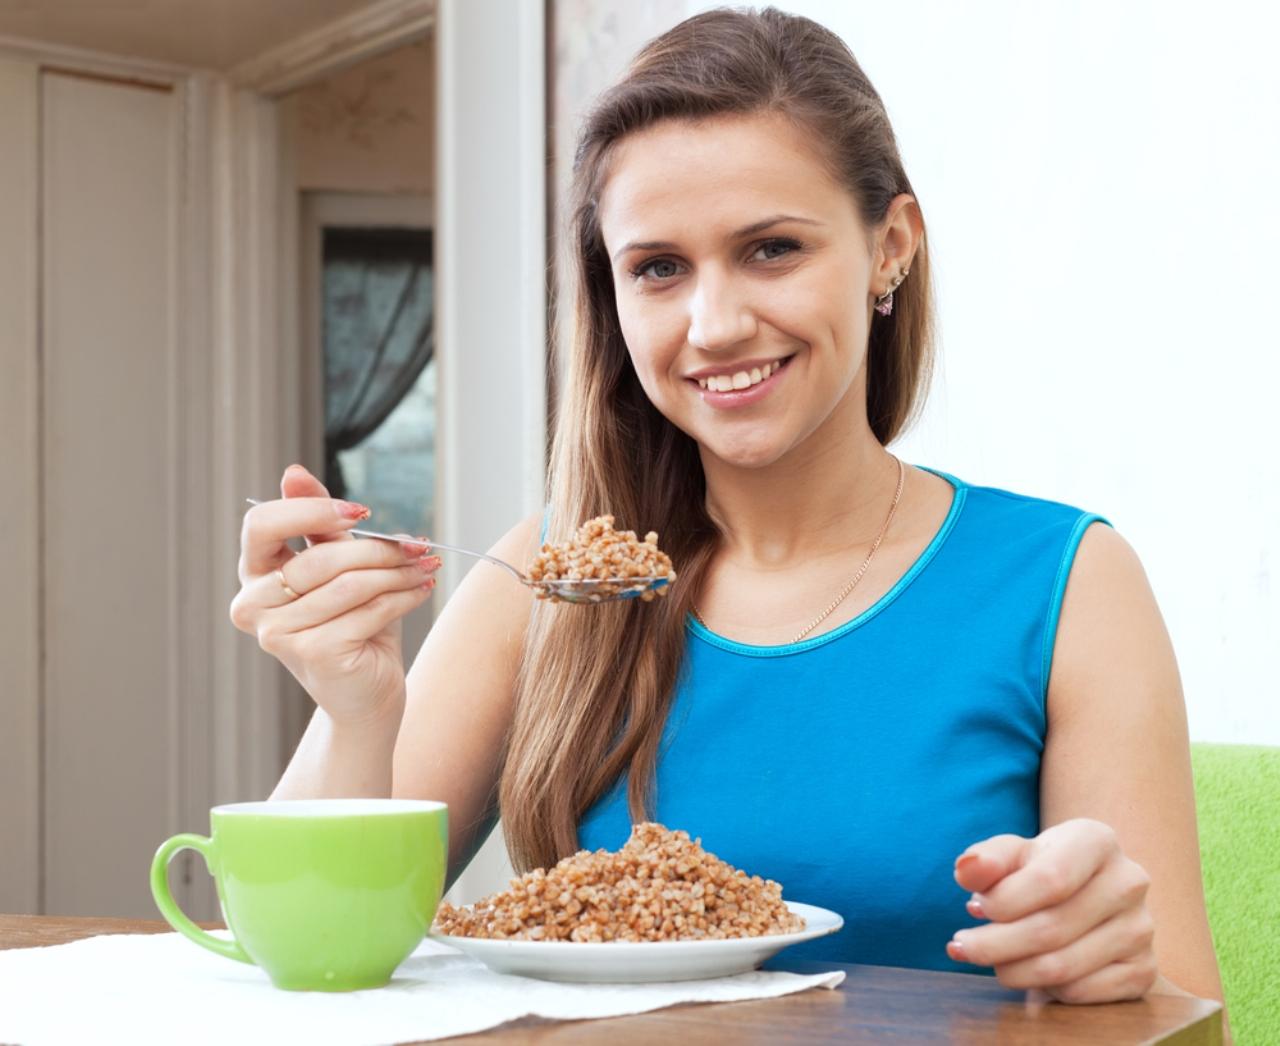 Монодиеты Для Похудения Гречку. Диета для похудения на гречке